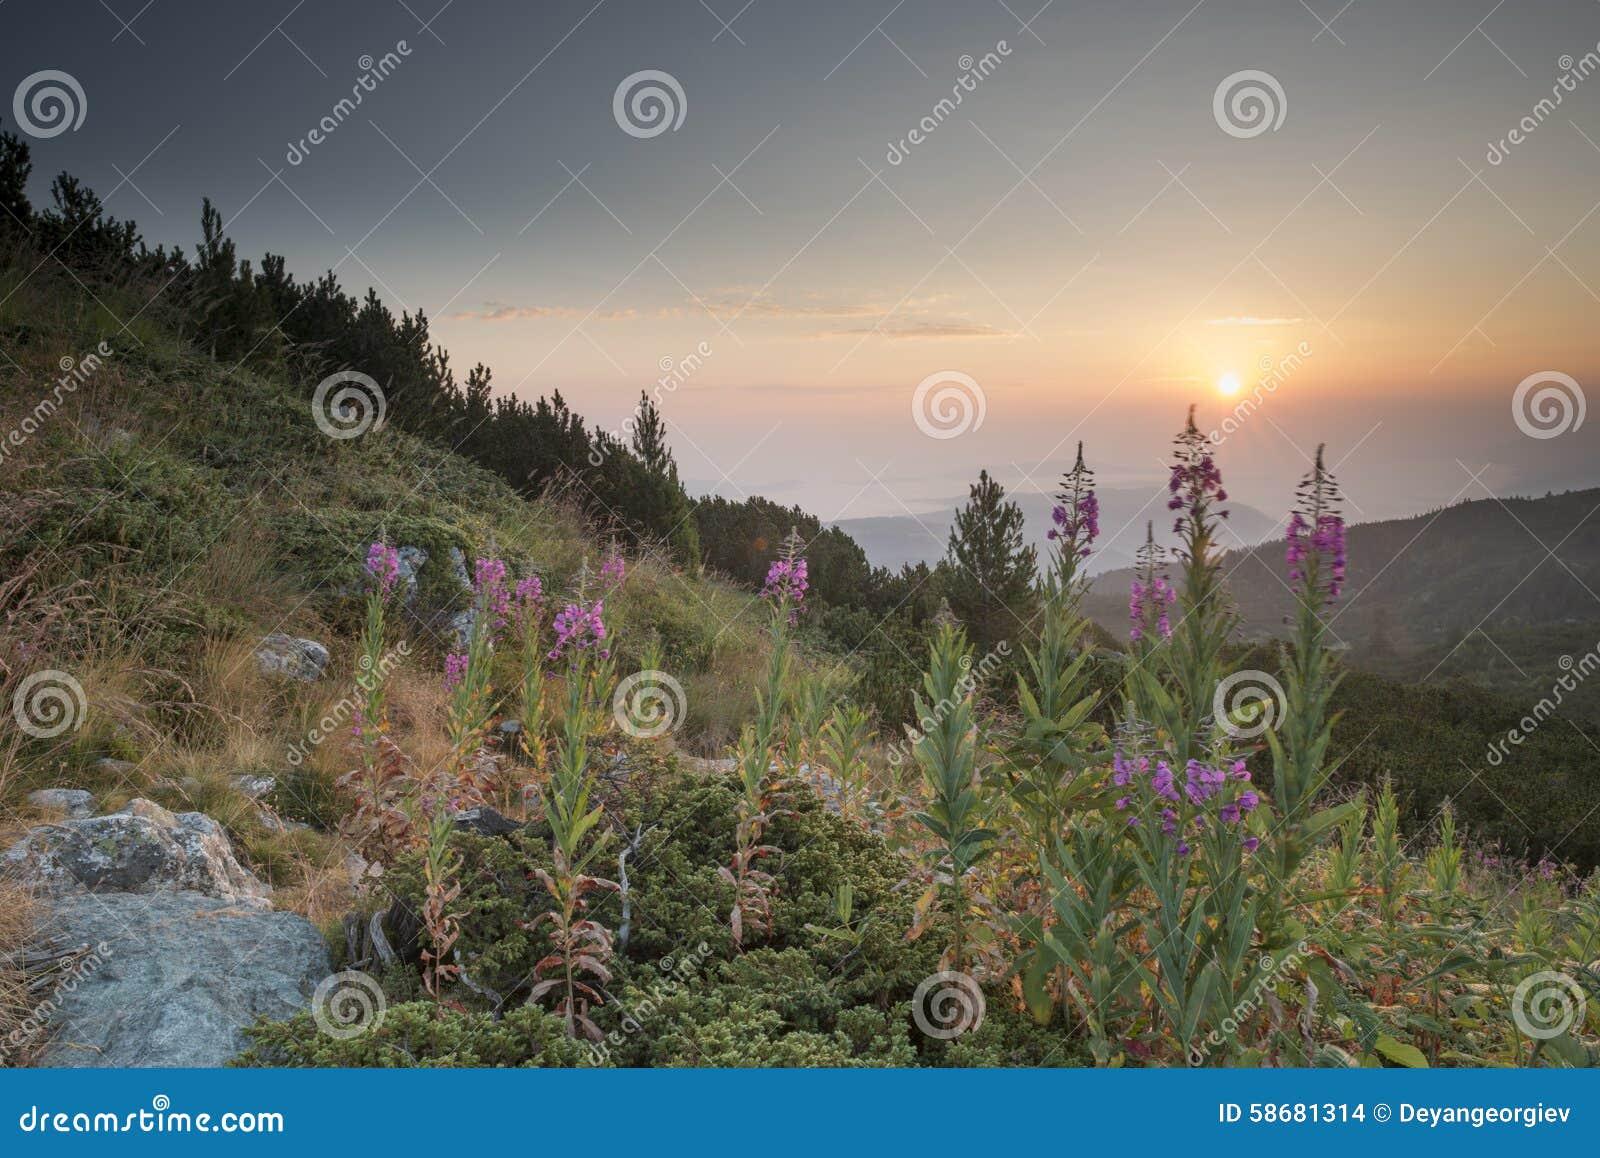 sunrise mountains flowers - photo #23